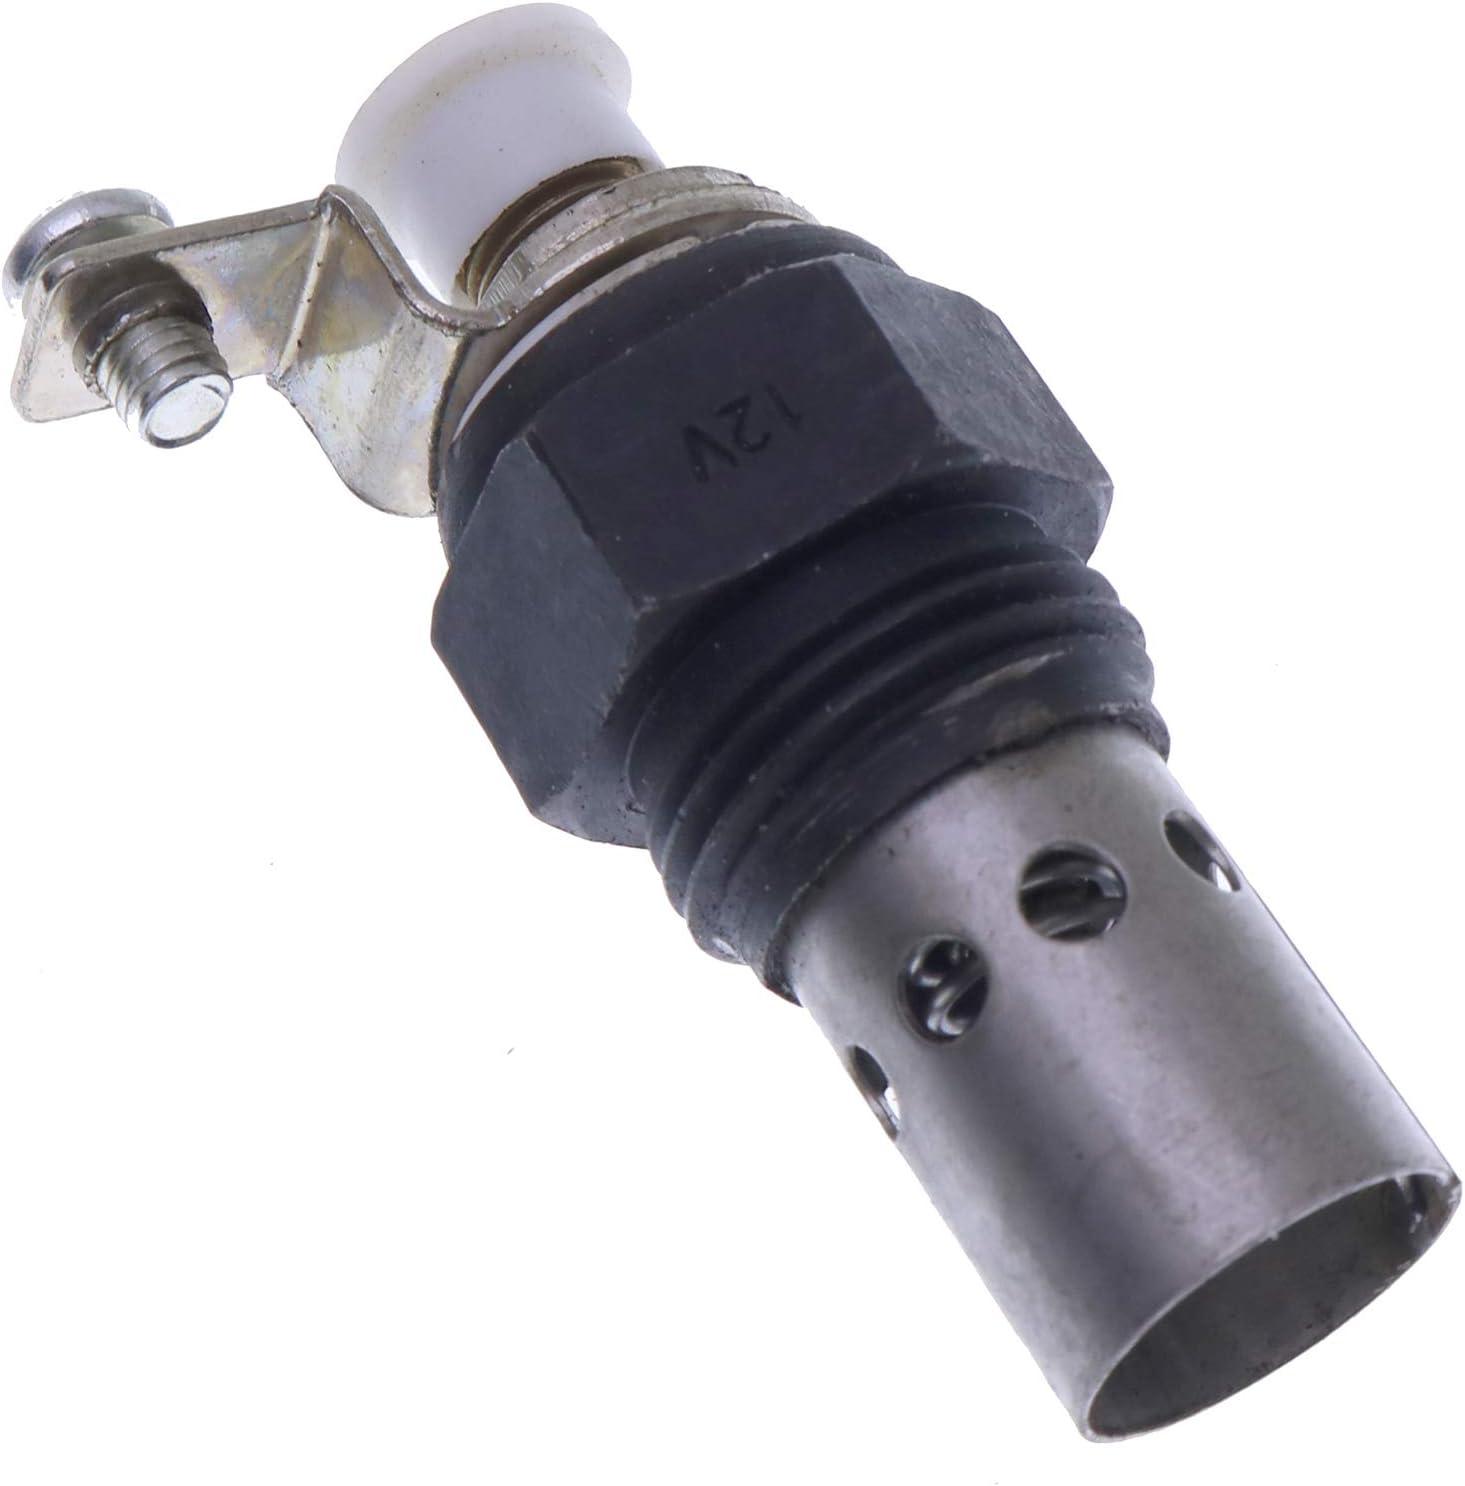 Solarhome Glow Plug Thermostart for Yanmar 135 140 165 180 186 187 220 226 276 330 336 1110 1401 1510 1600 1601 1610 1900 2210 2500 2610 3110